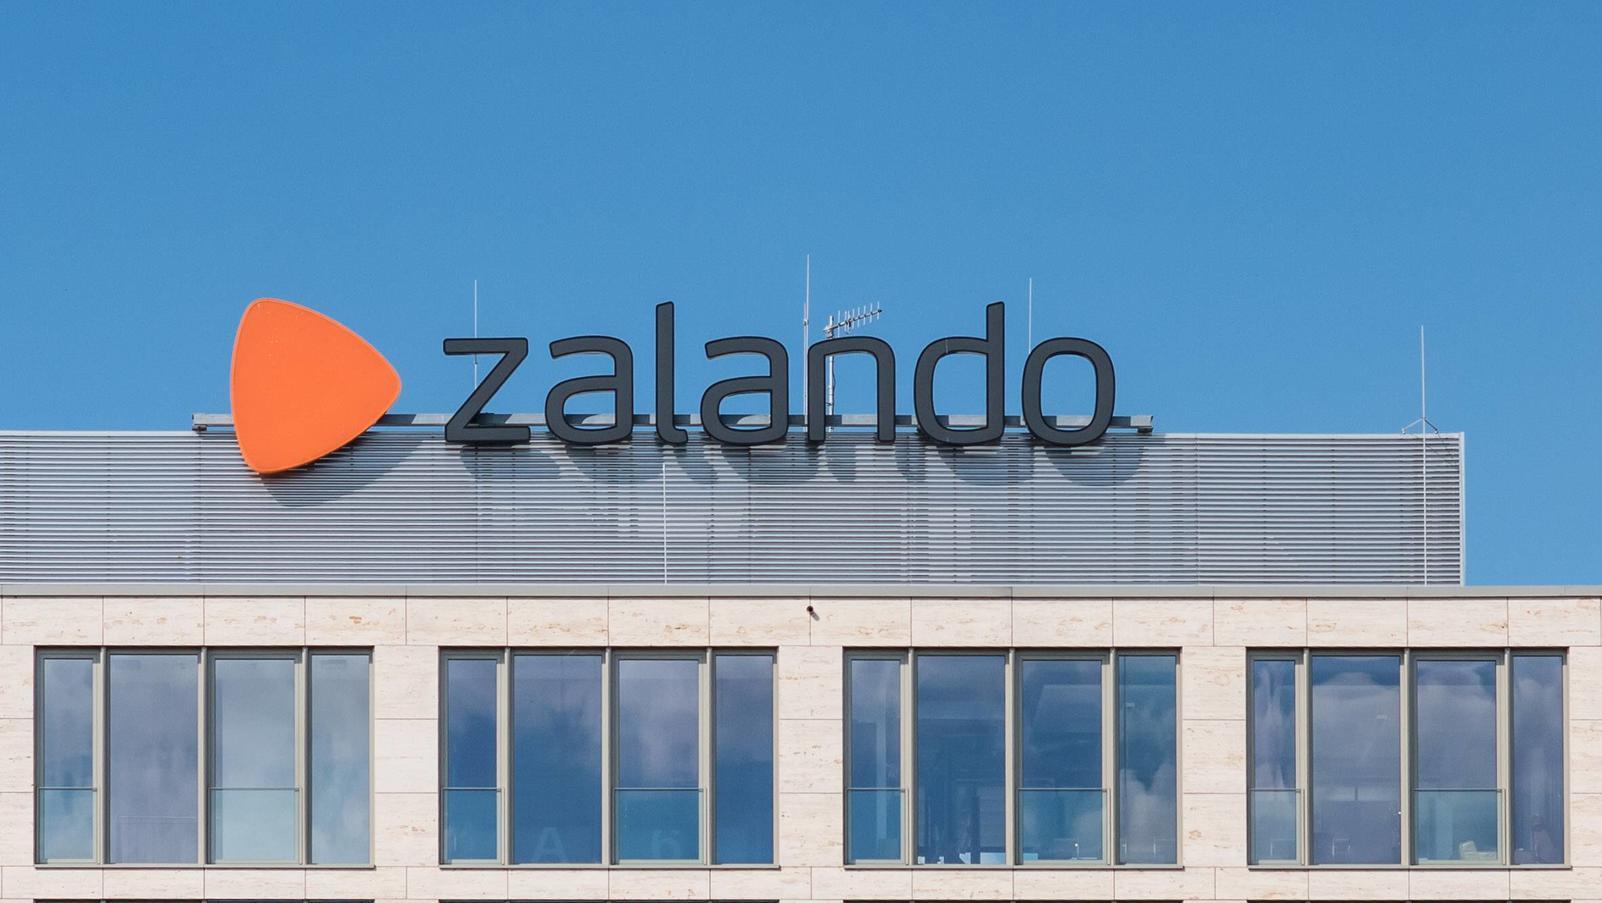 Berlin Wirtschaft Zalando Logo der Online Versandhandelsfirma Zalando in Berlin 23 6 2019 Berlin *